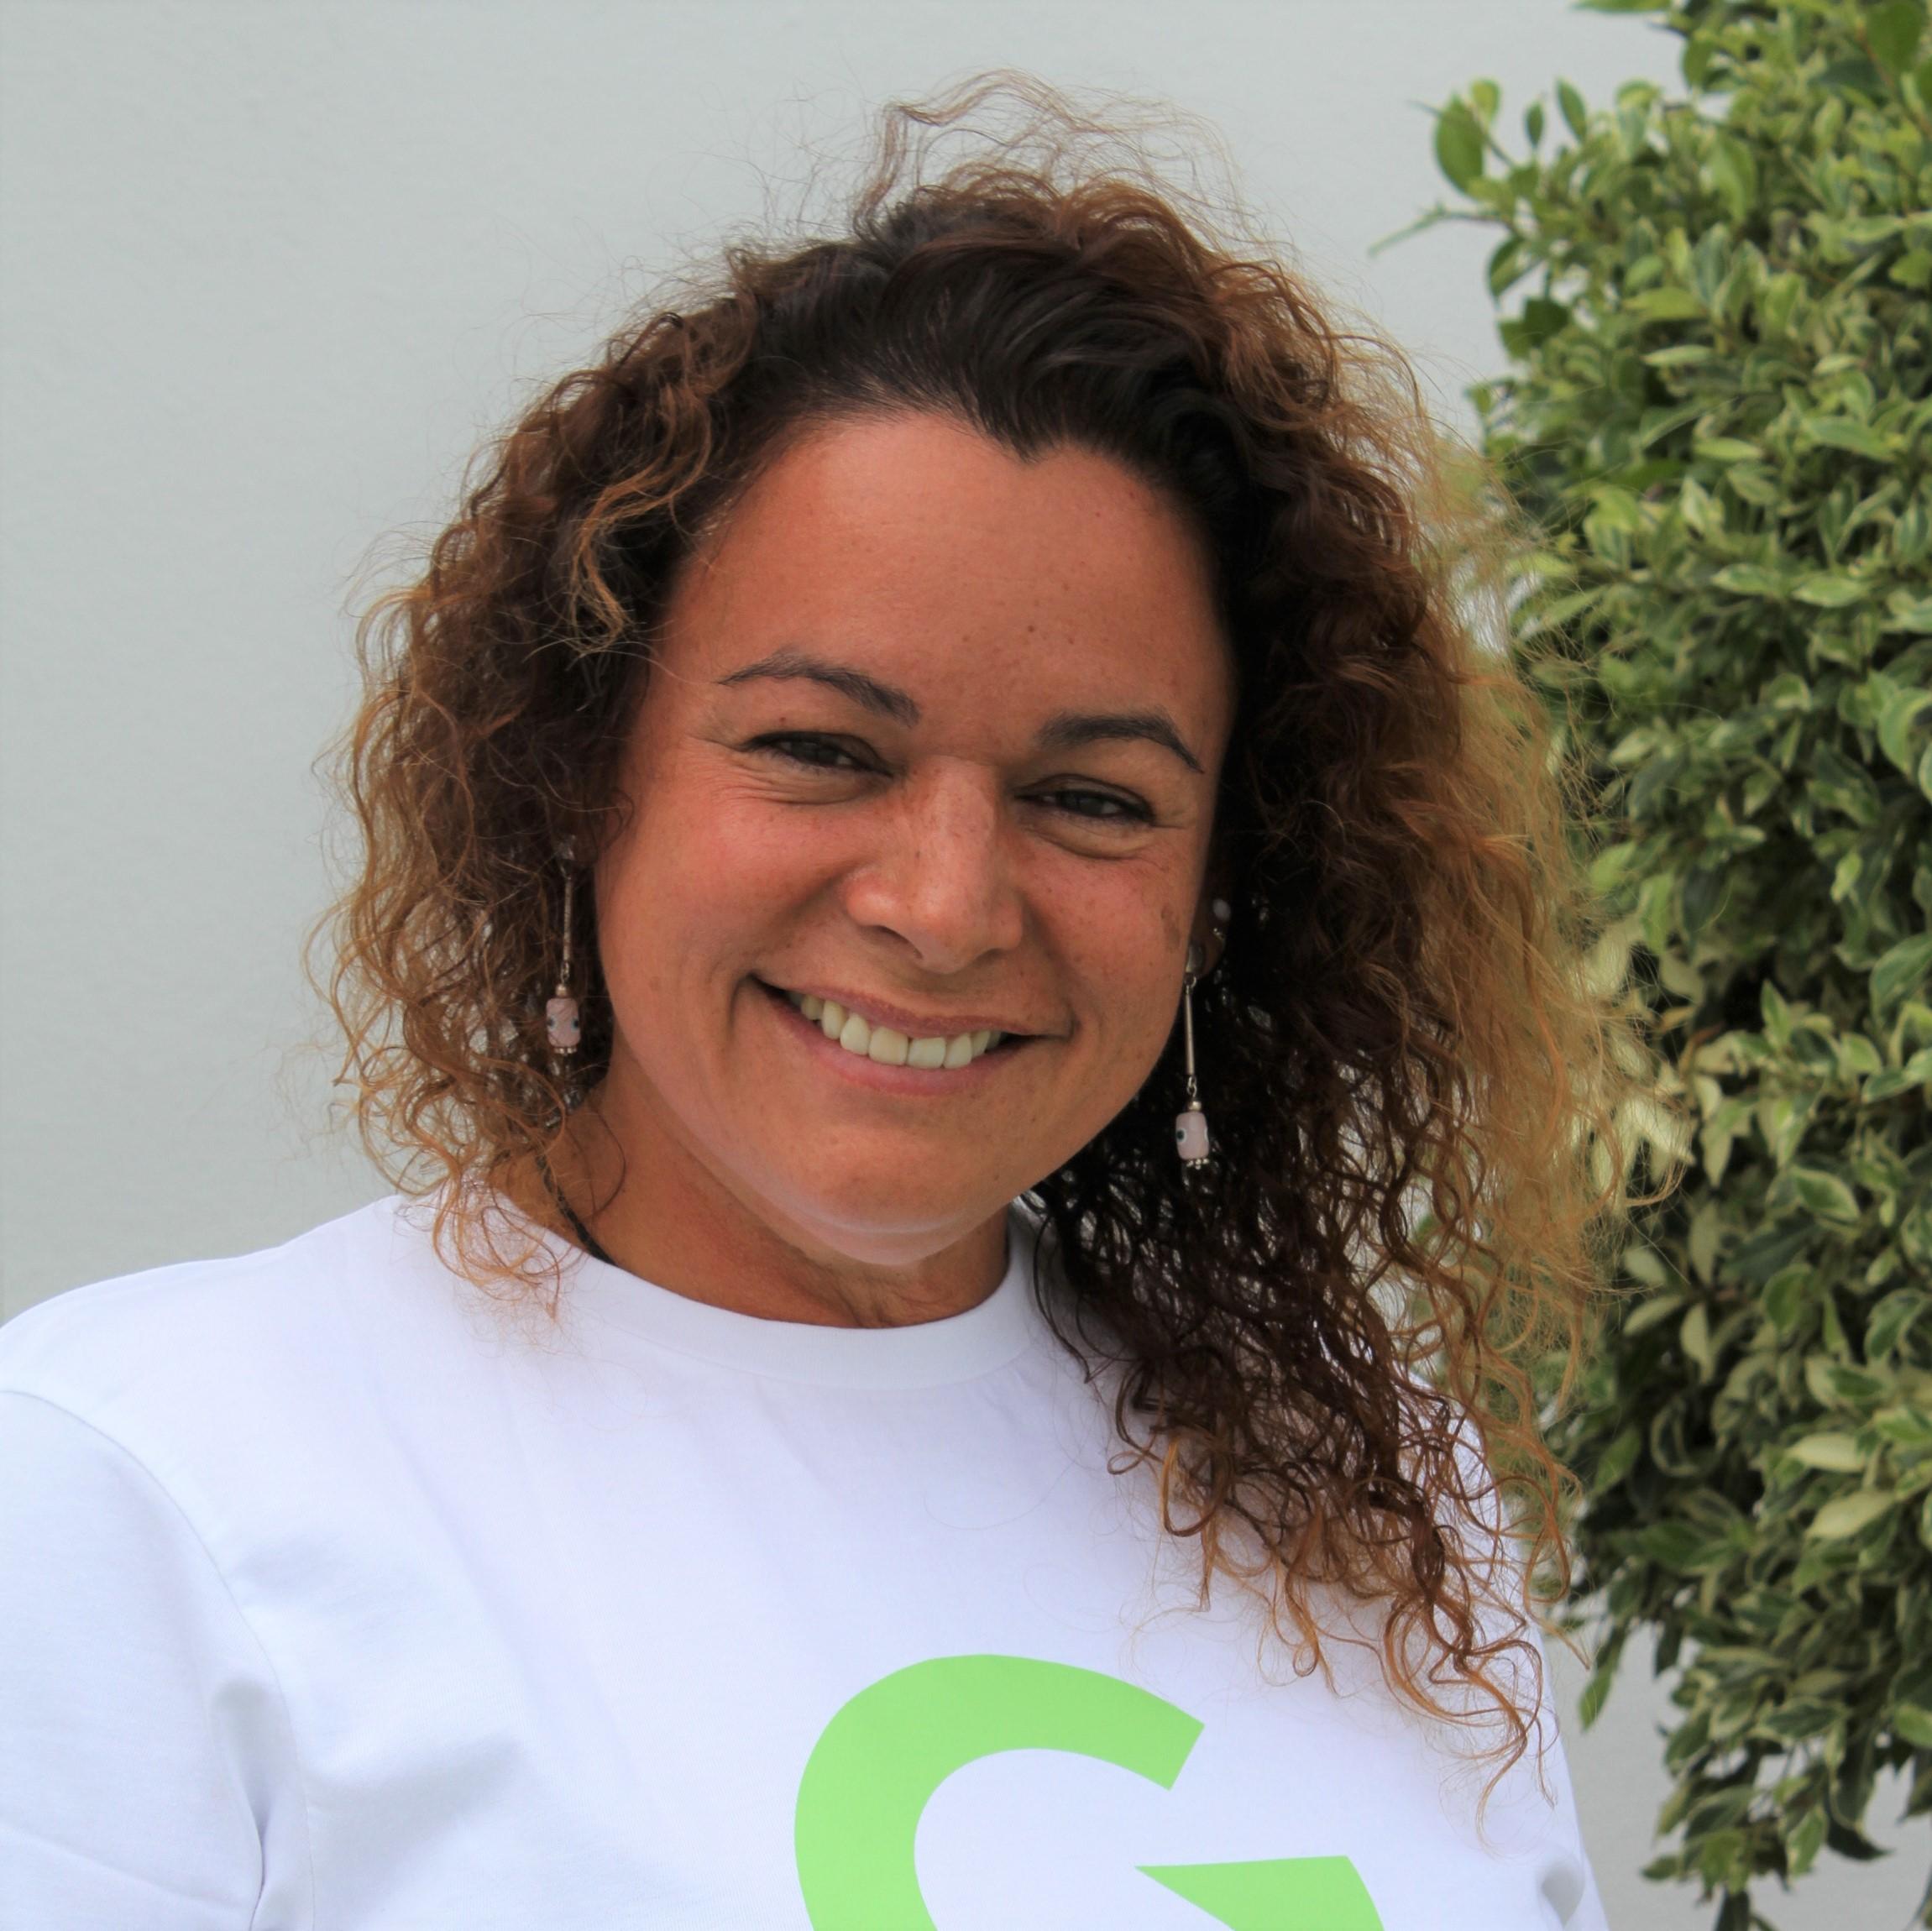 Claudia Quevedo Canary Green square